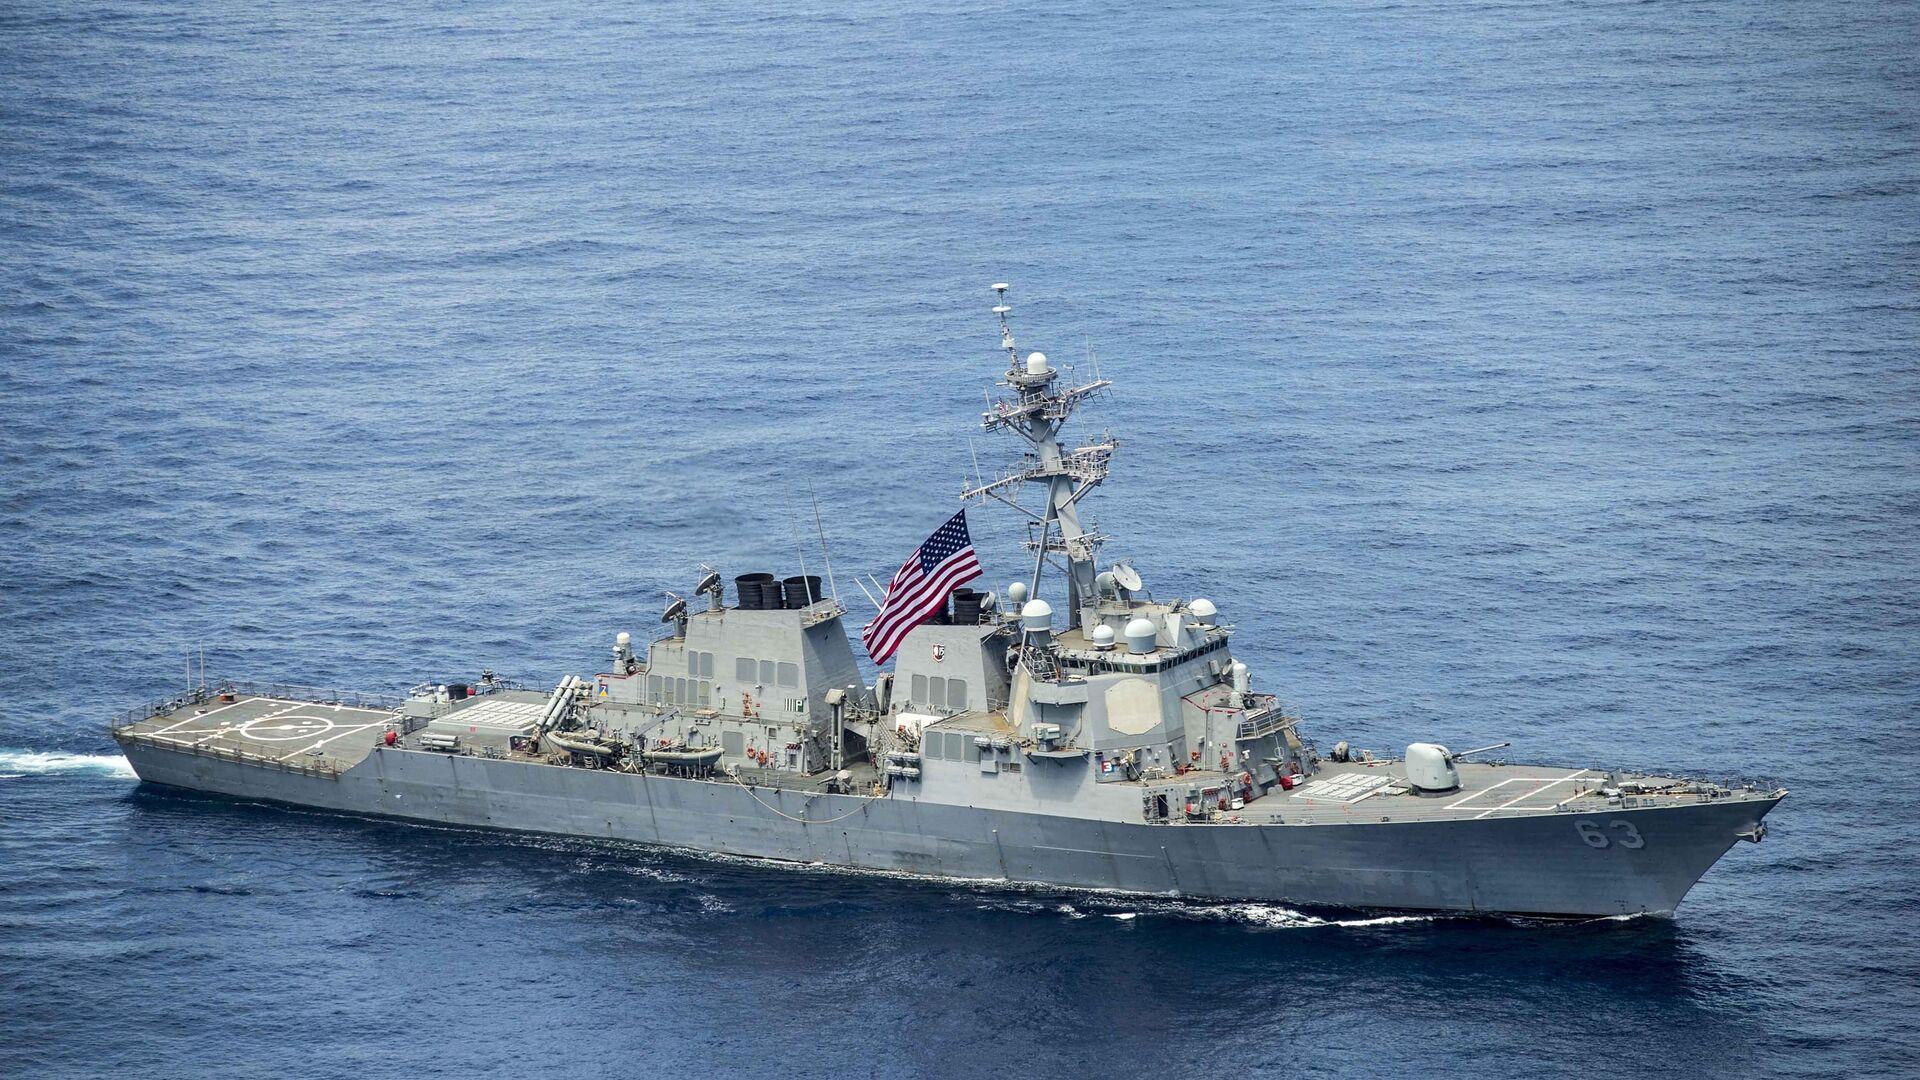 Американский эсминец USS Stethem в Южно-Китайском море - РИА Новости, 1920, 09.09.2020